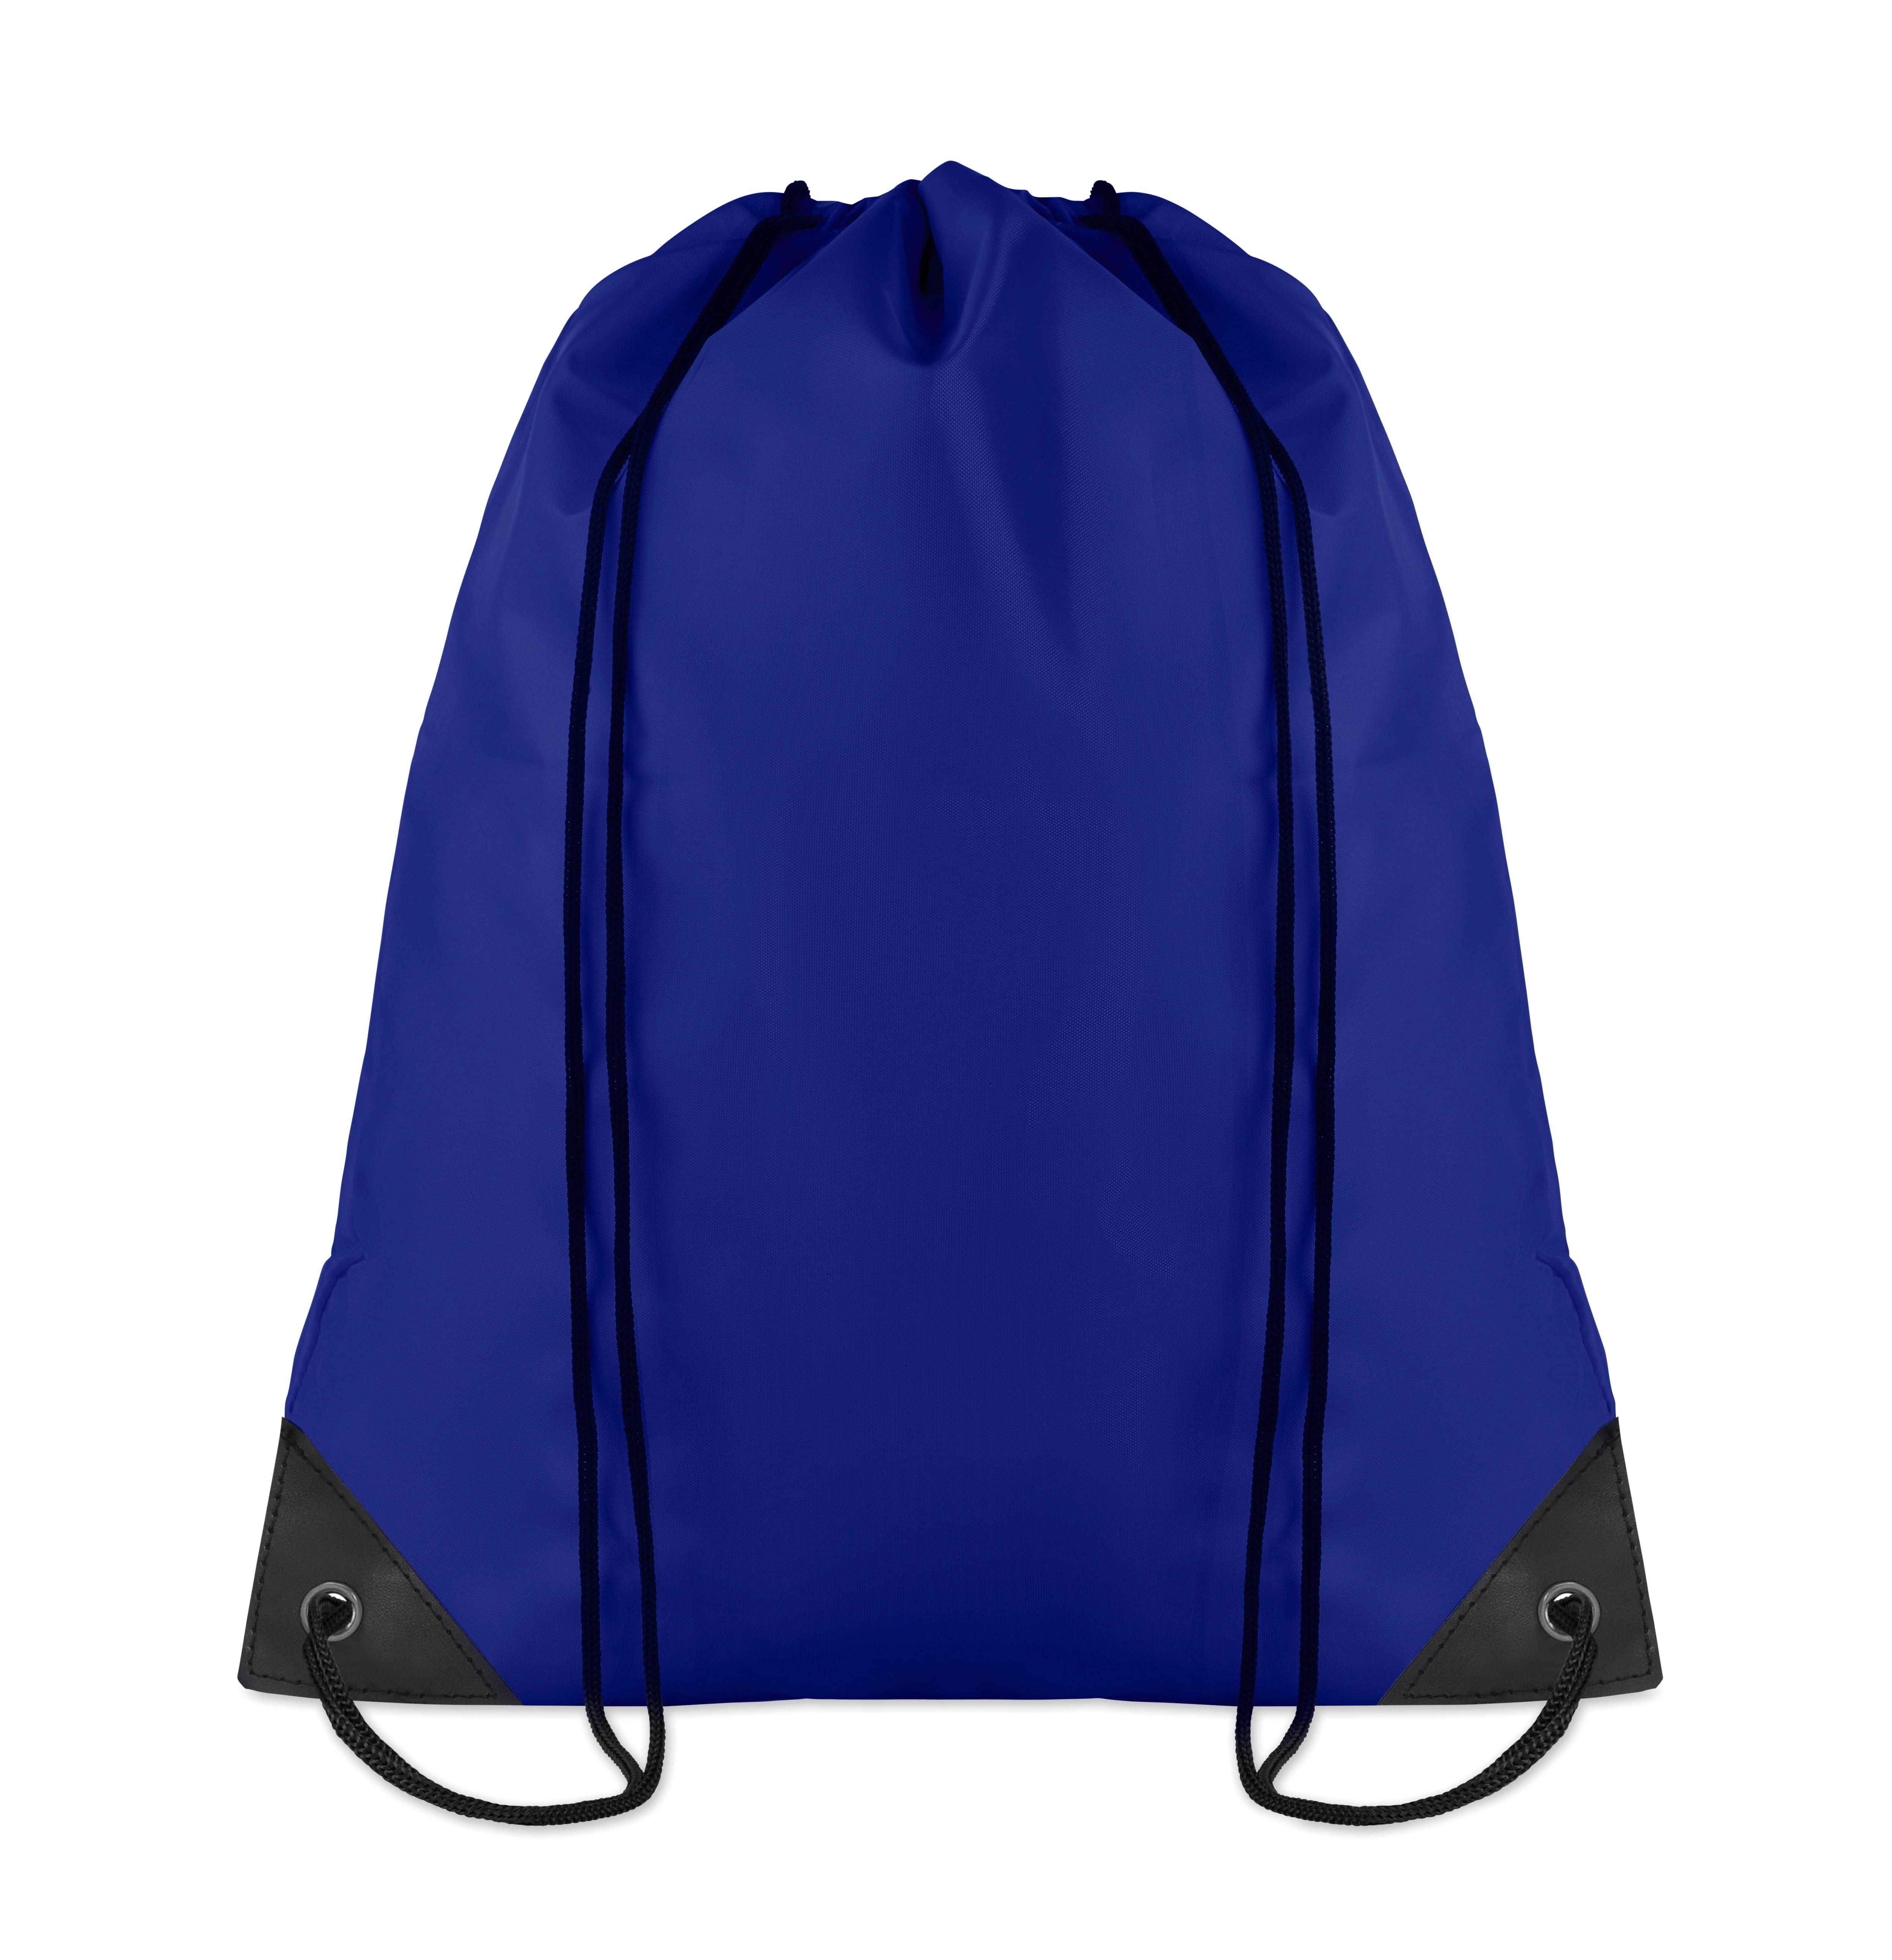 55e0c279418 ... Reclame rugtas bedrukken | Polyester | Maxs021 Koningsblauw ...